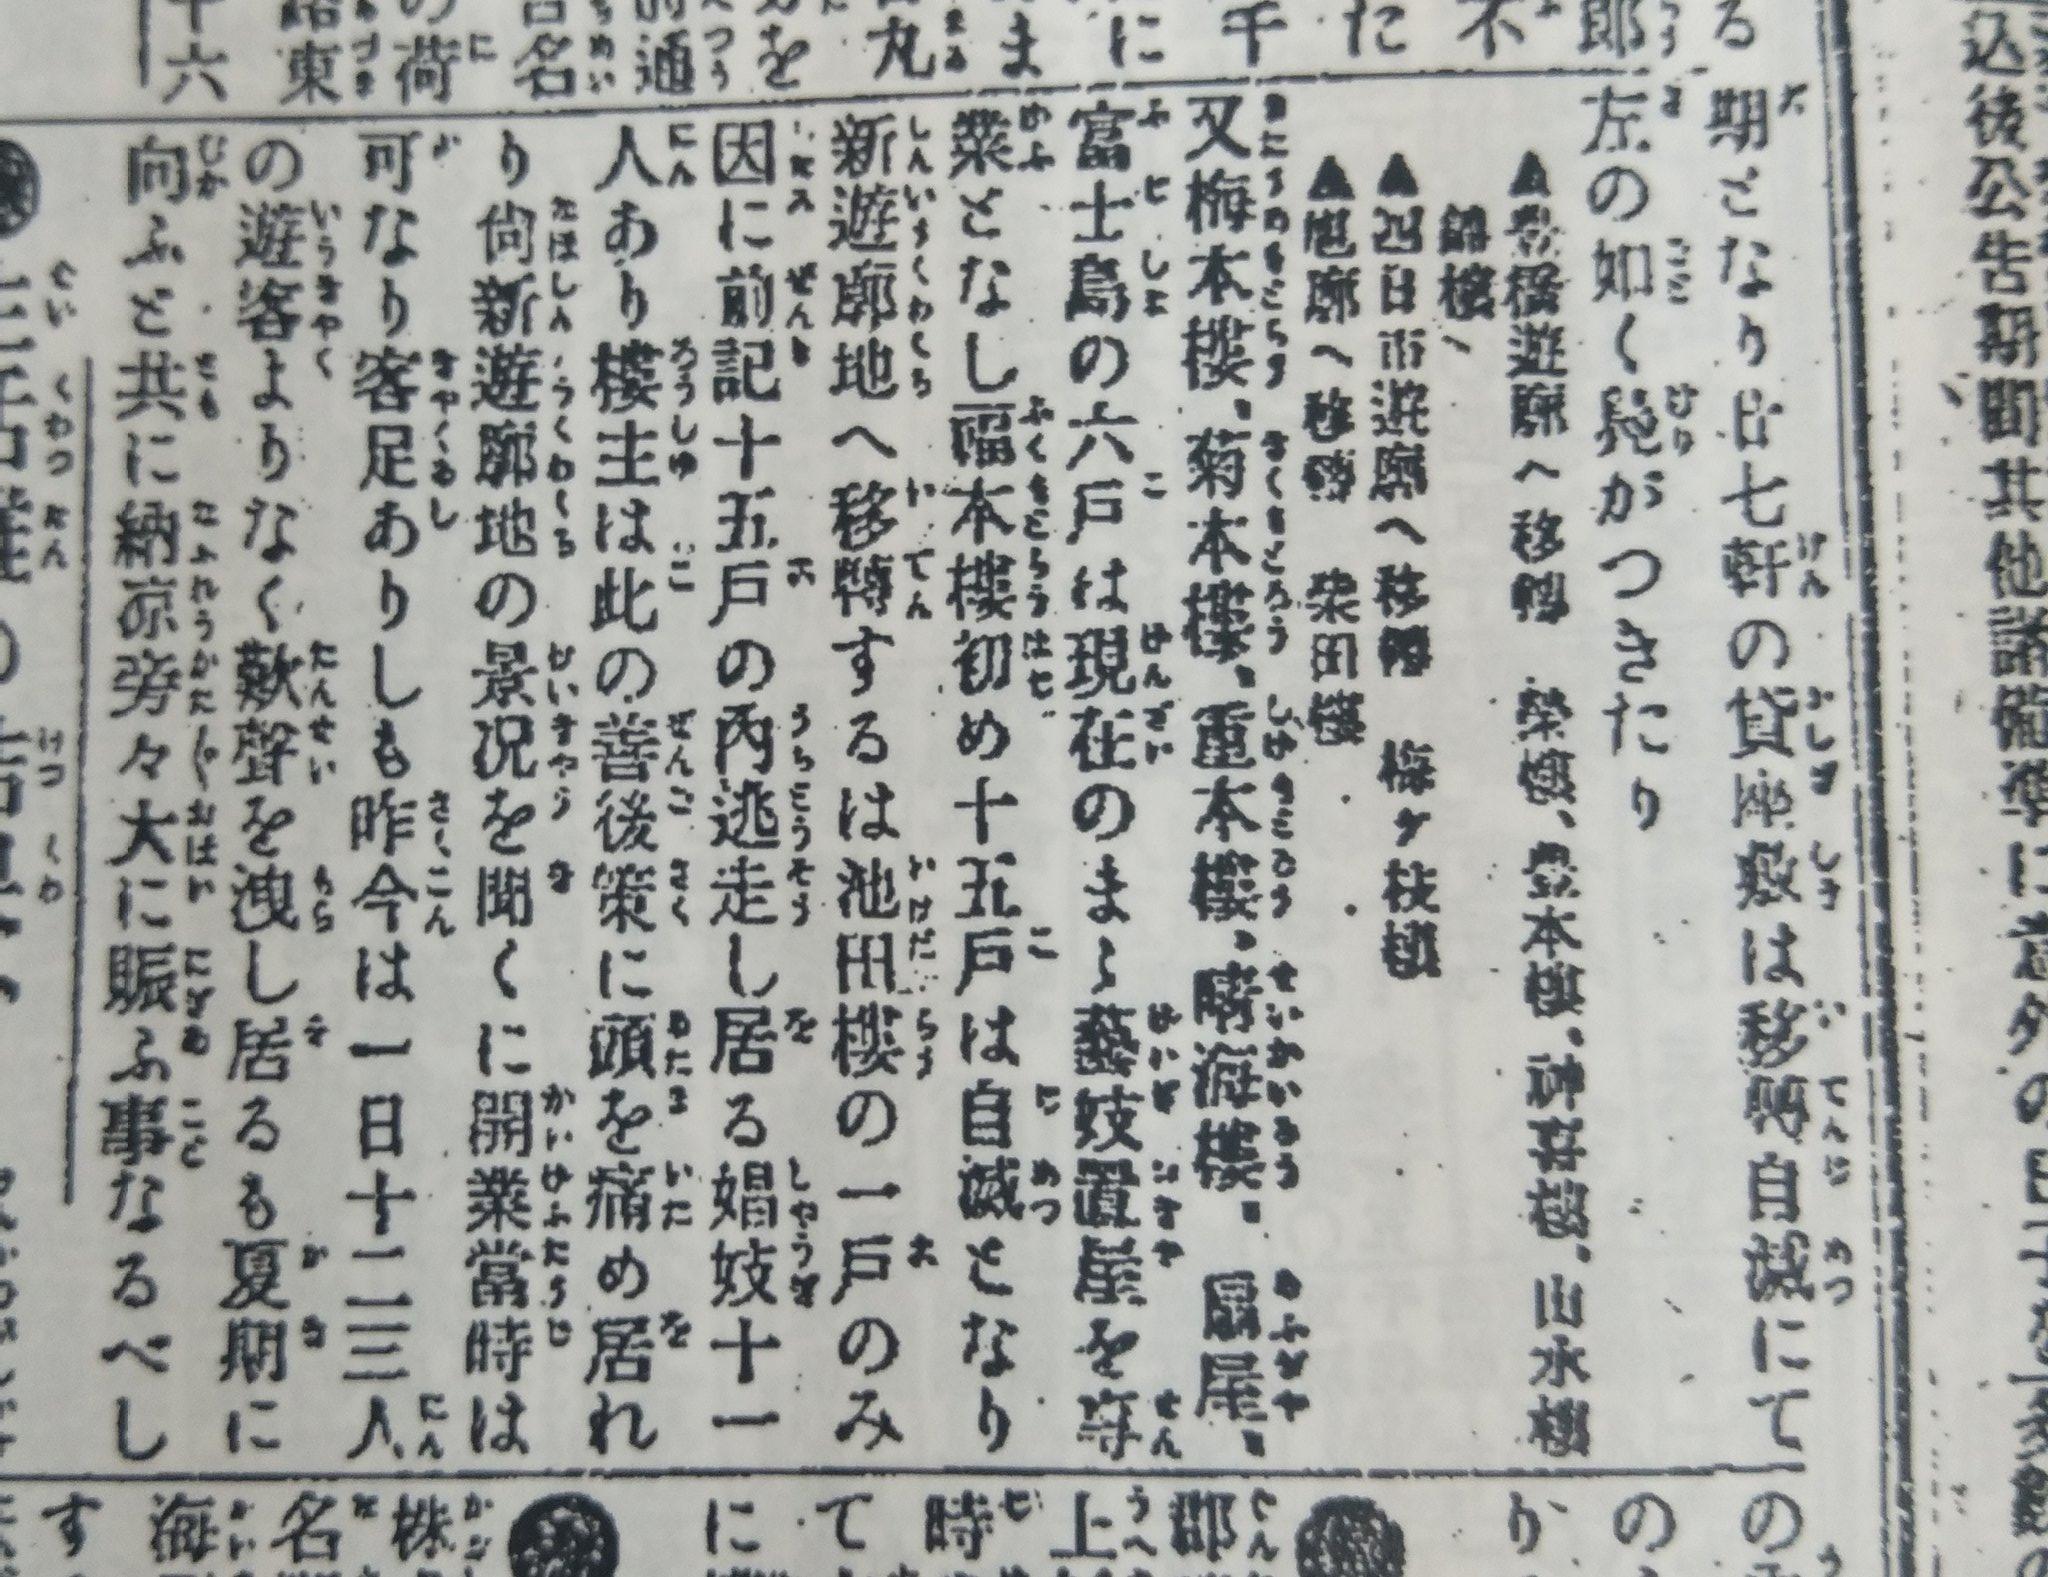 稲永遊郭熱田より移転